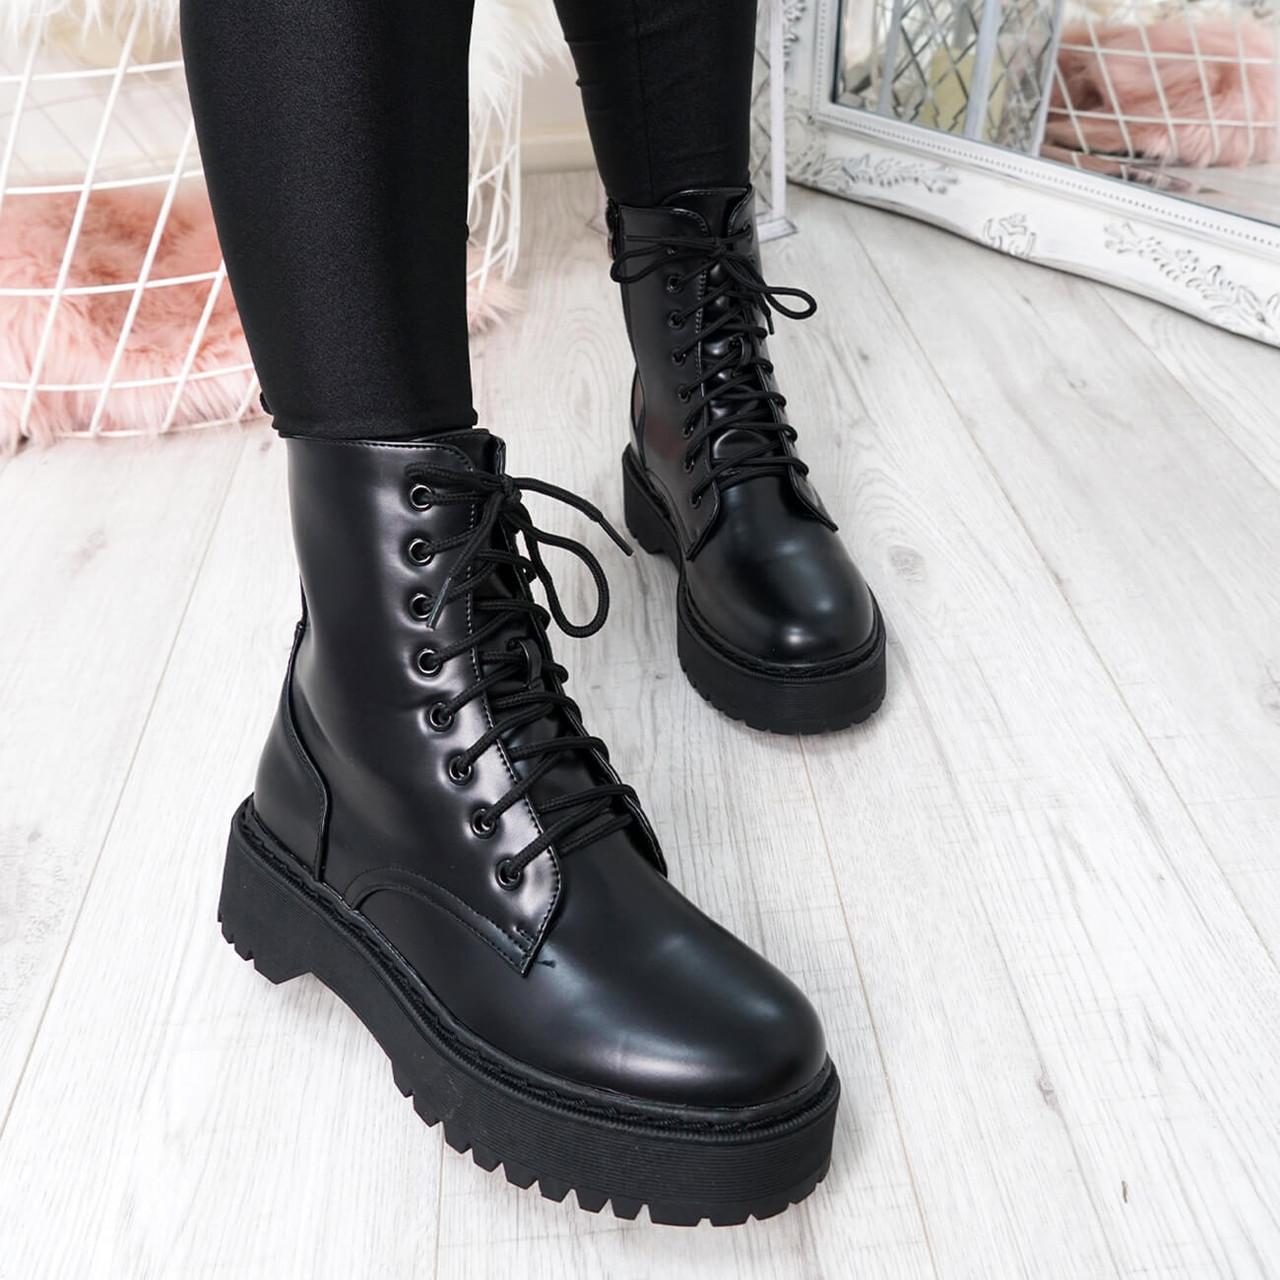 Tergy Black Lace Up Biker Boots